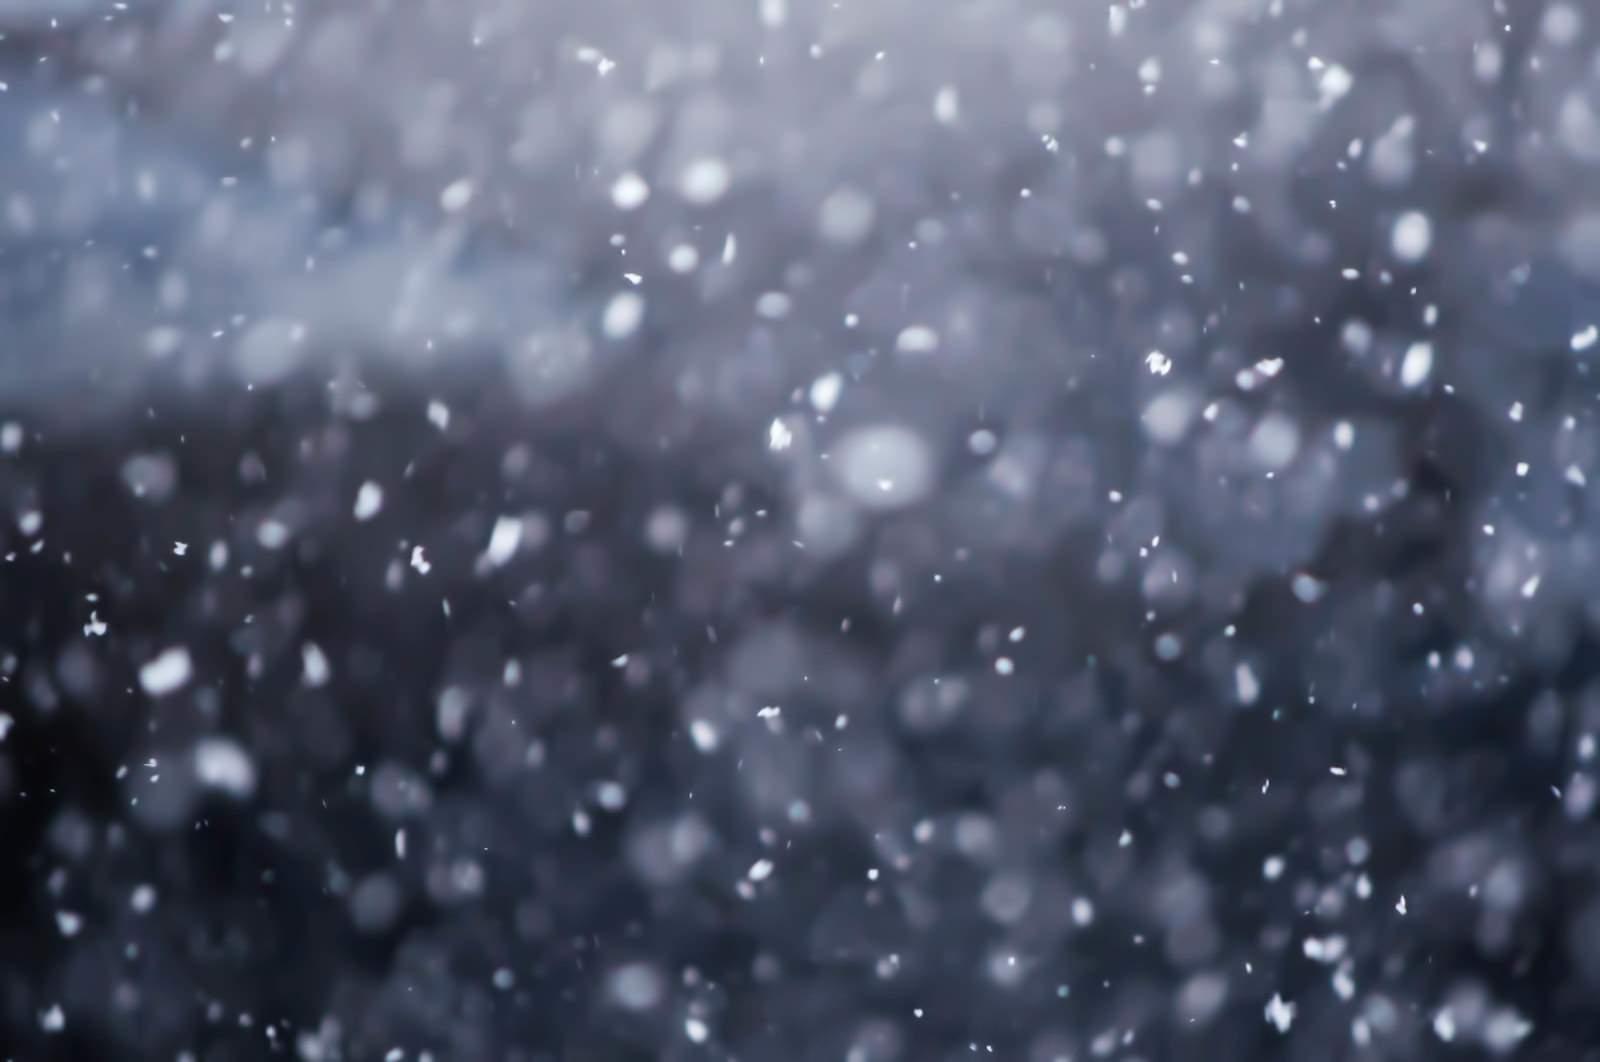 「雪が舞う」の写真